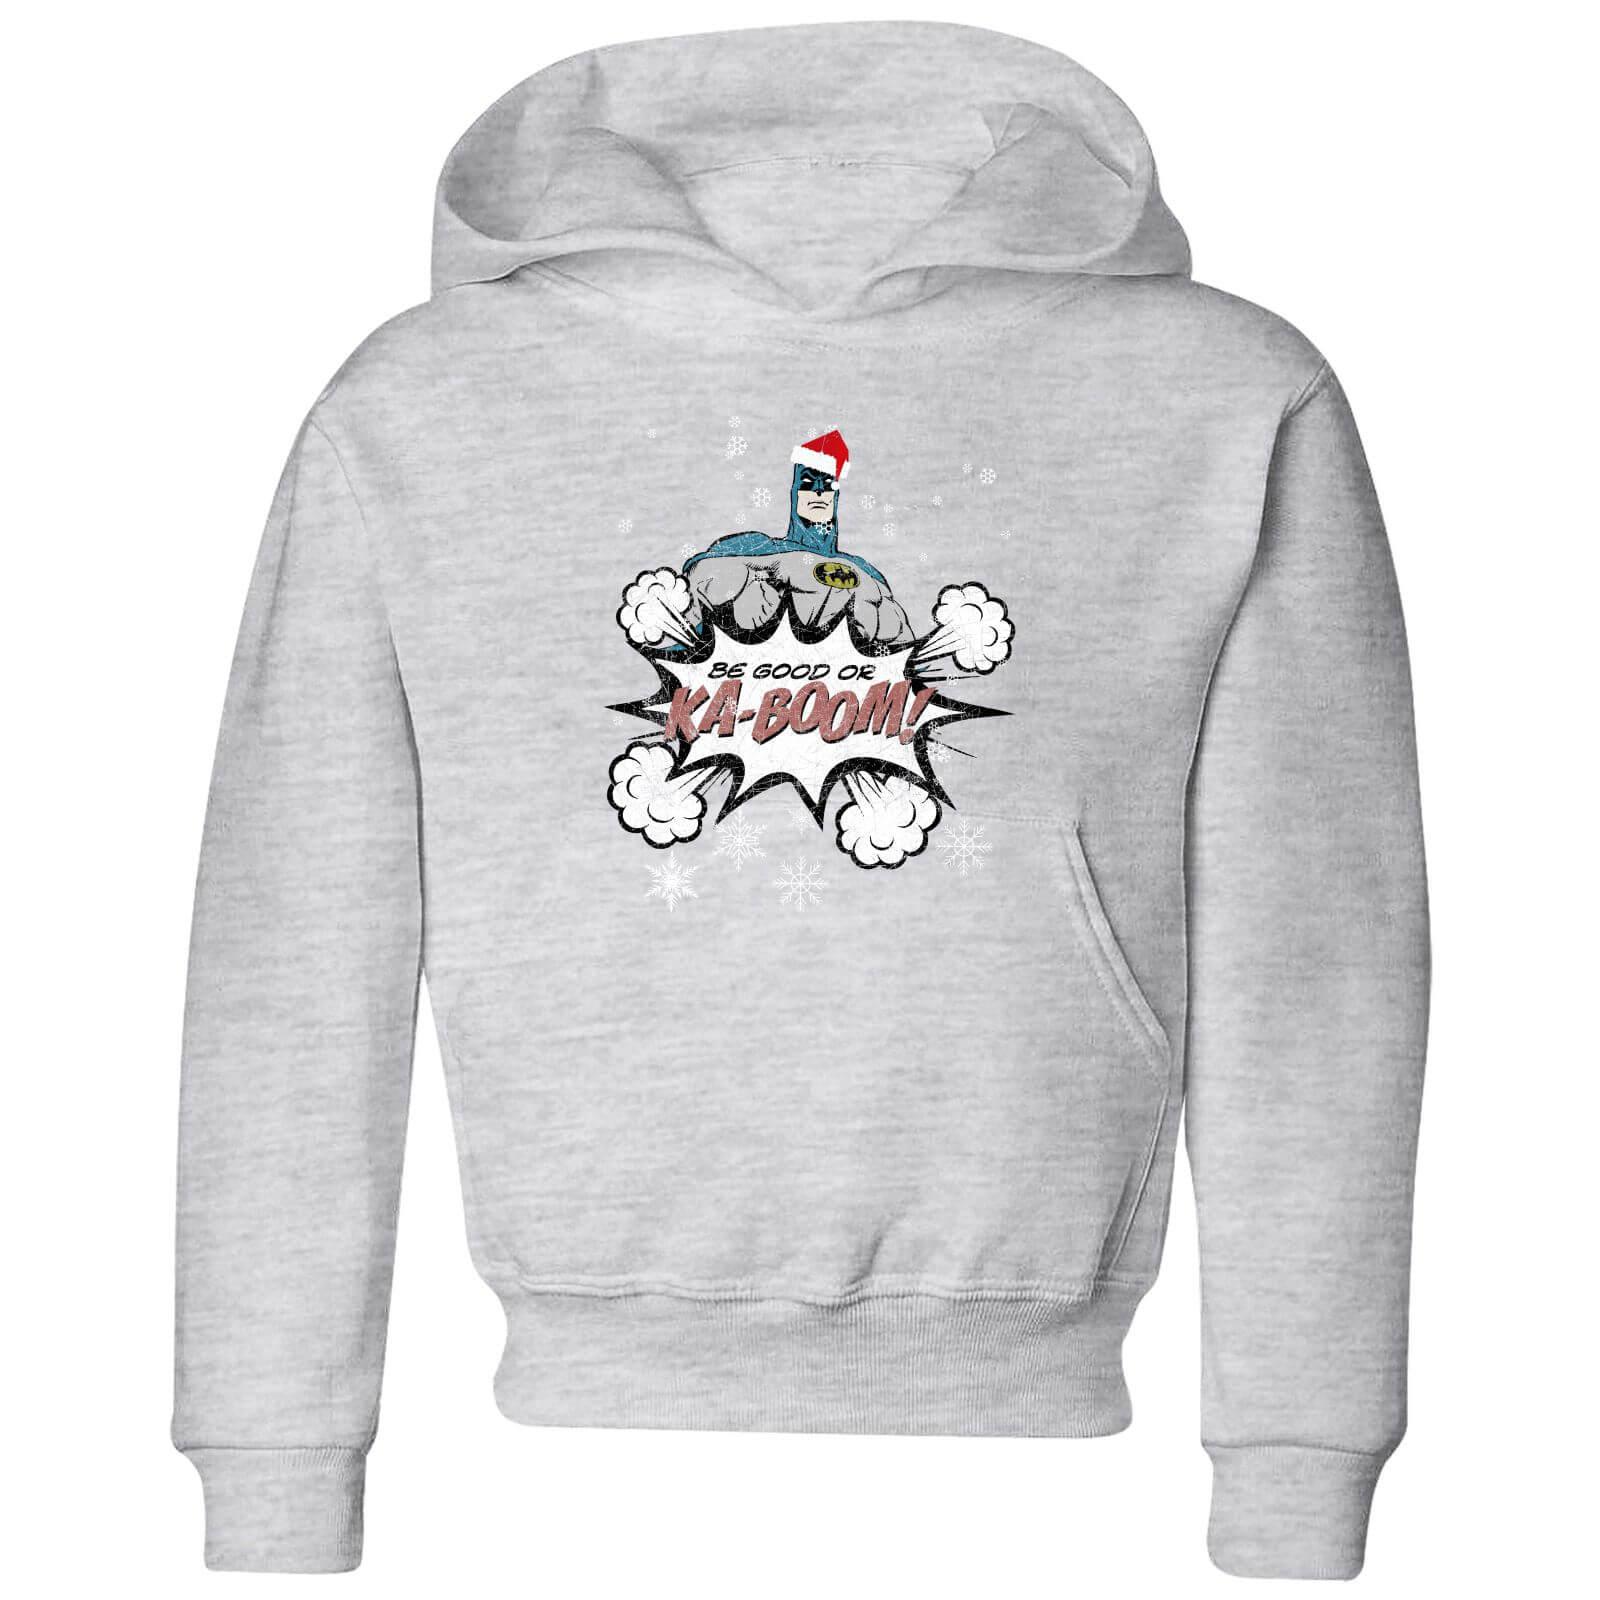 Christmas Hoodies.Dc Batman Be Good Kids Christmas Hoodie Grey